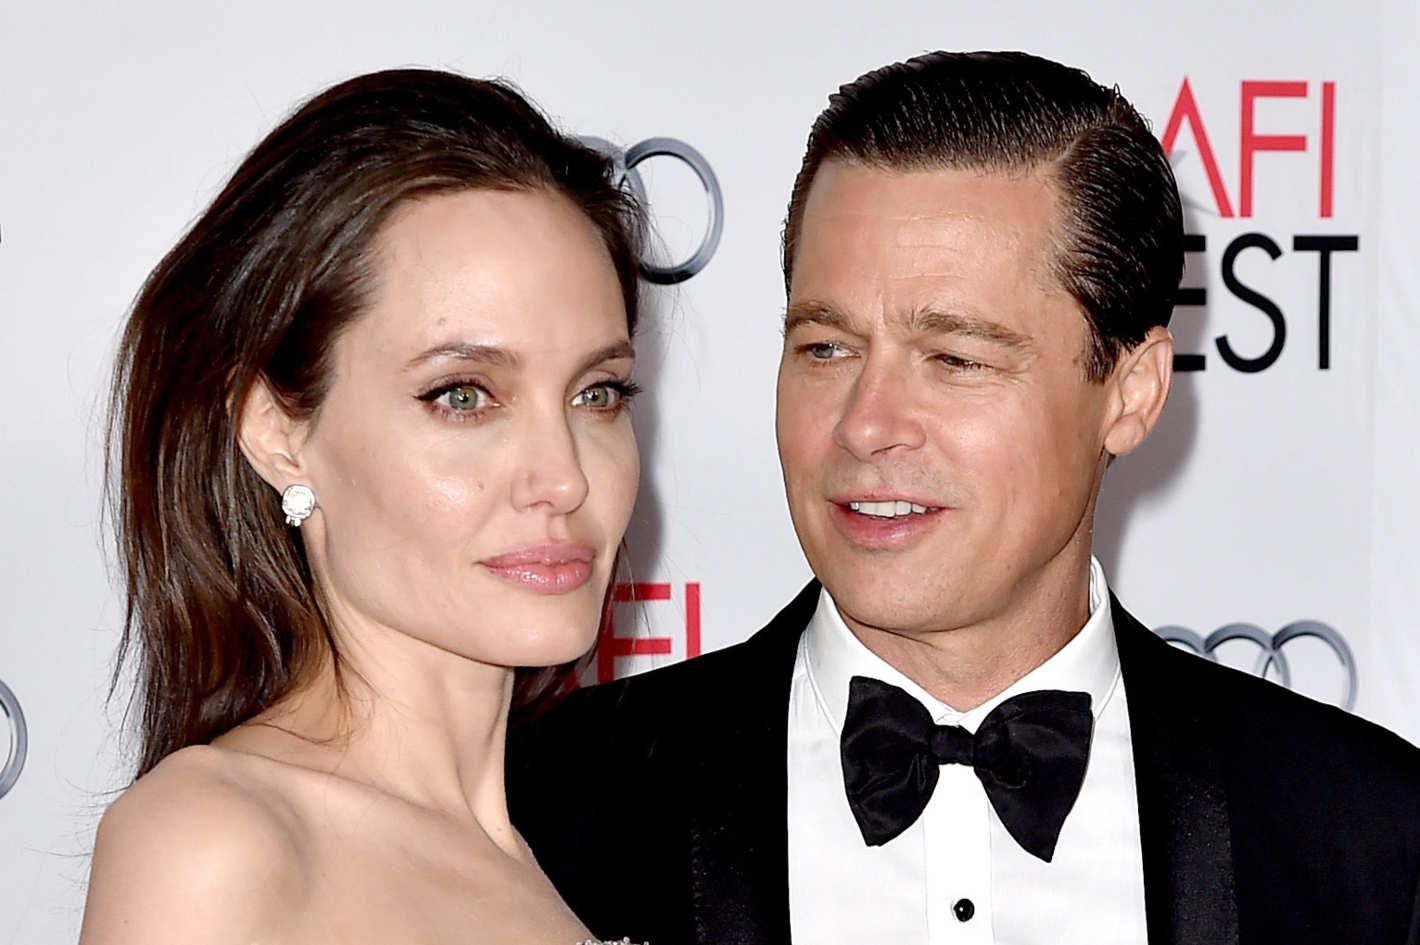 Presentes surpreendentes de Angelina Jolie para Brad Pitt são revelados - 1